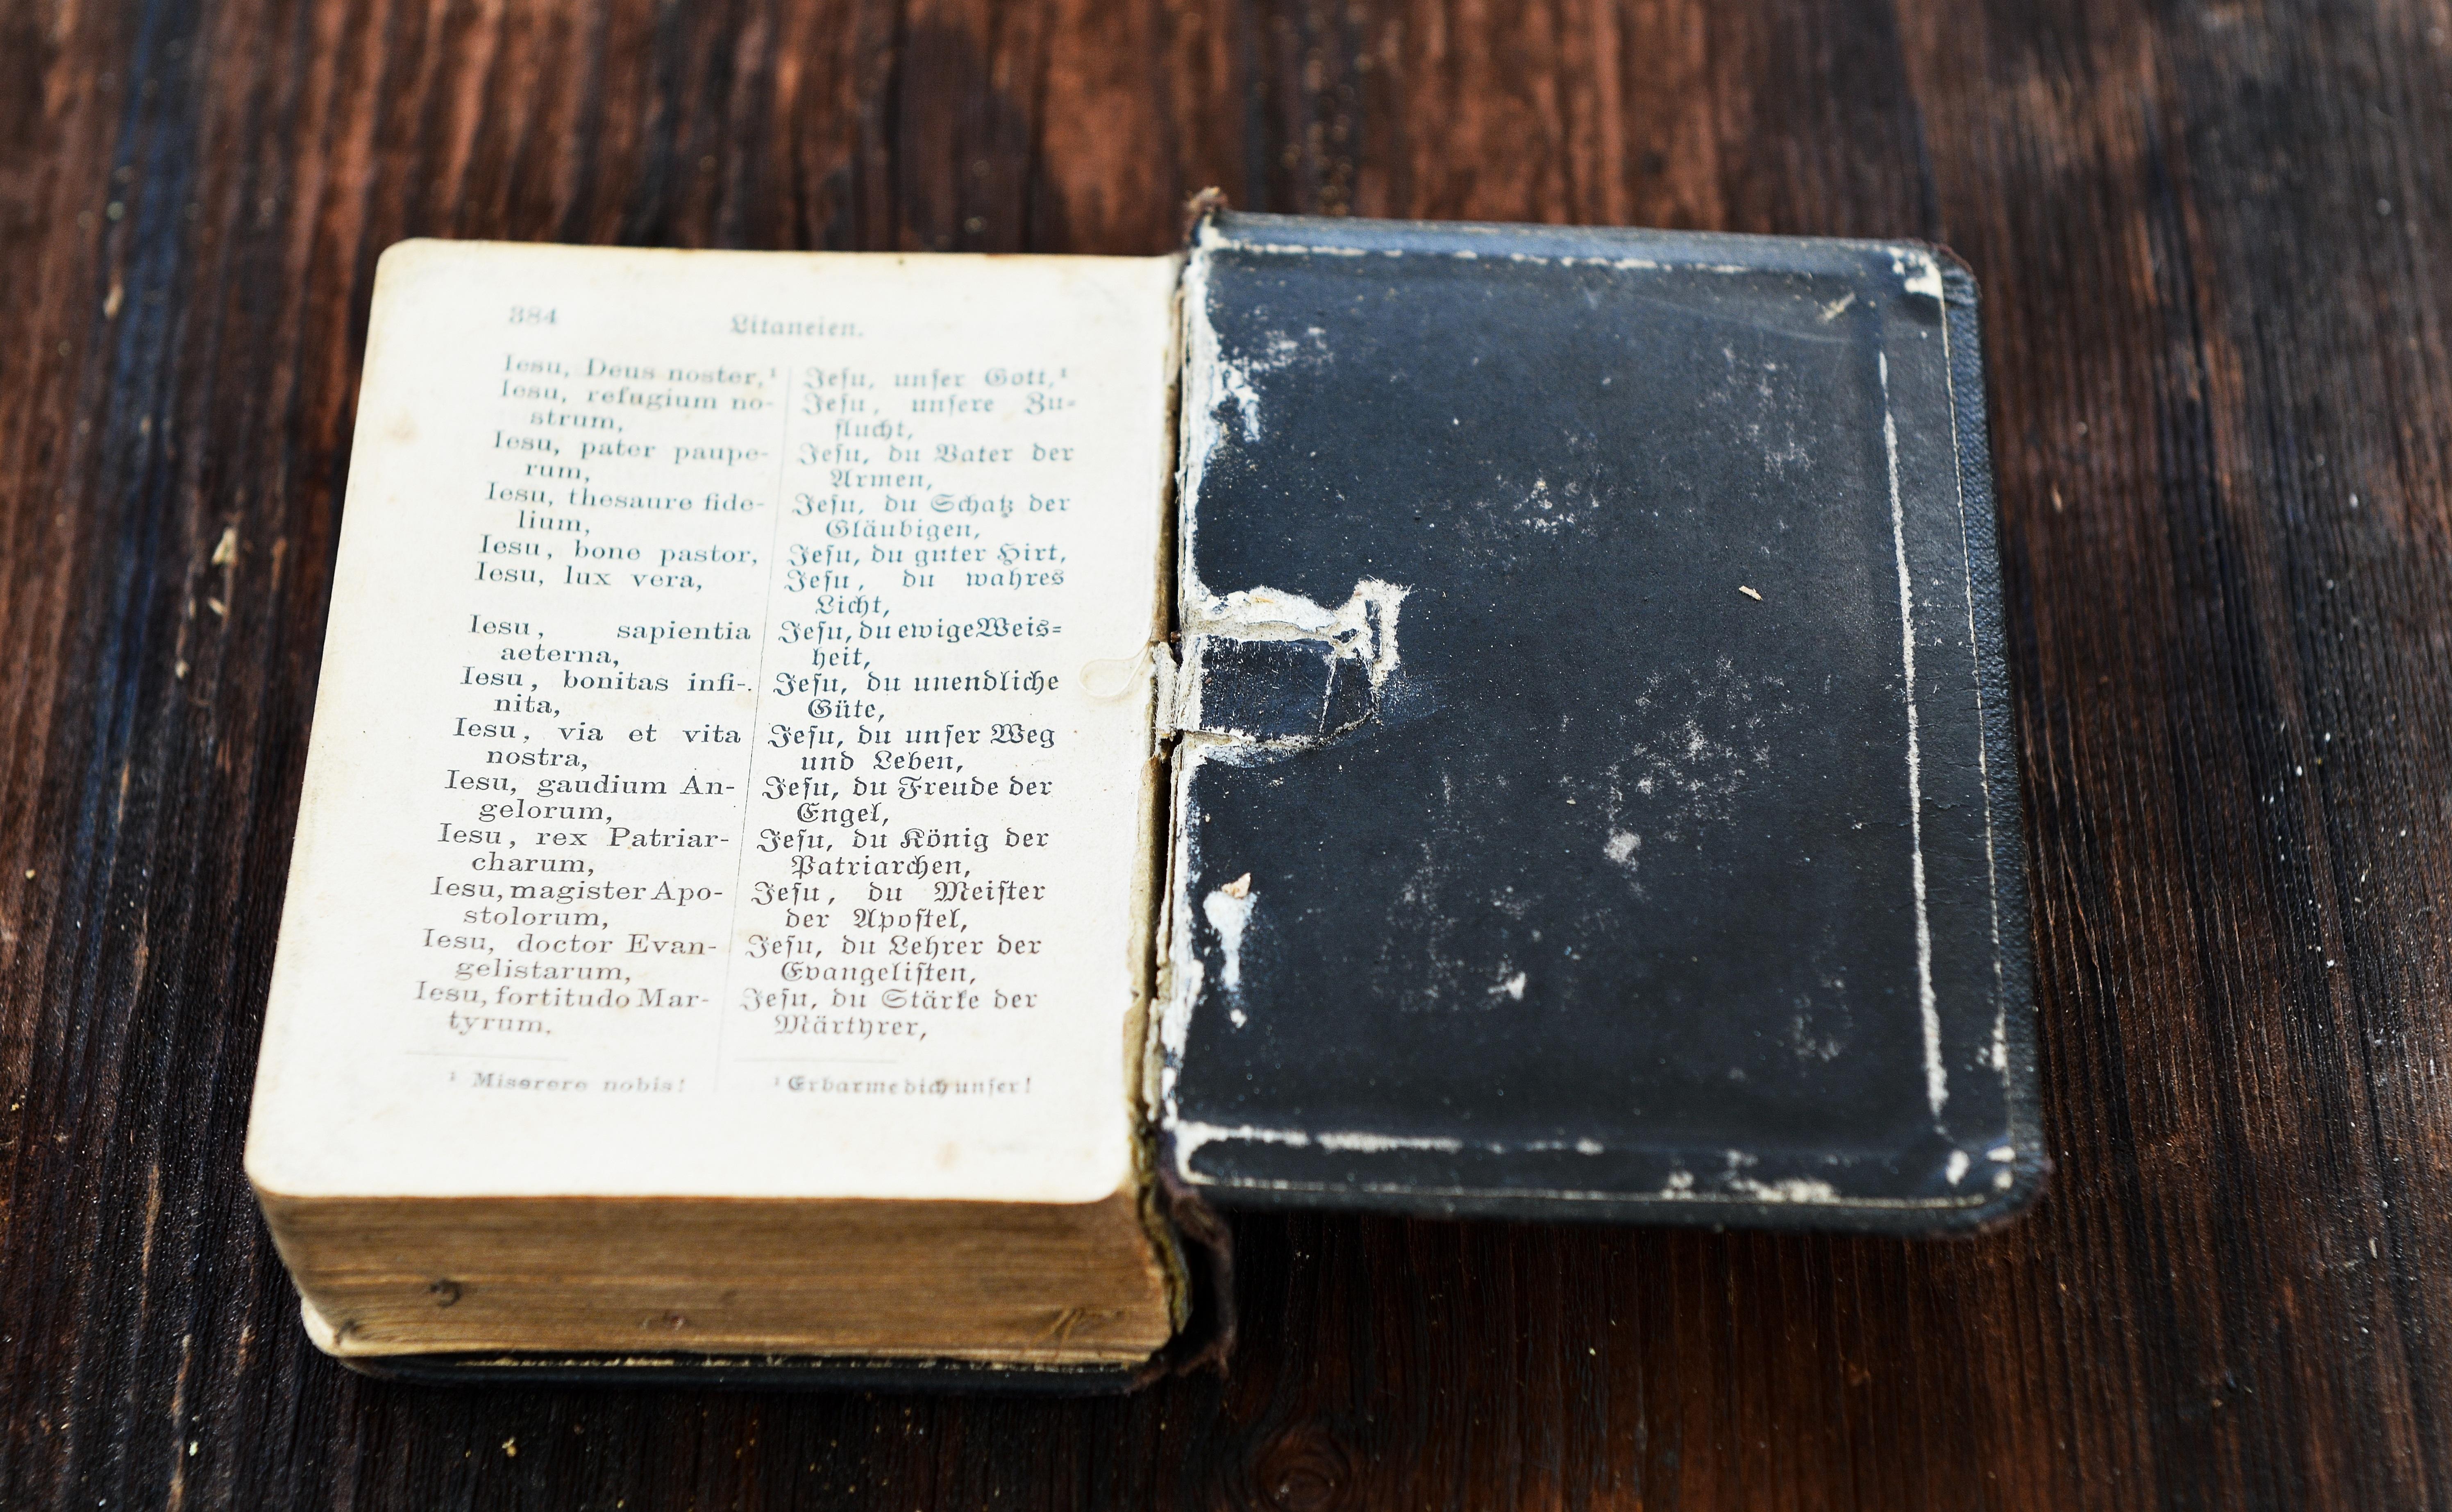 Kostenlose foto : Schreiben, Buch, Holz, Antiquität, alt, schließen ...